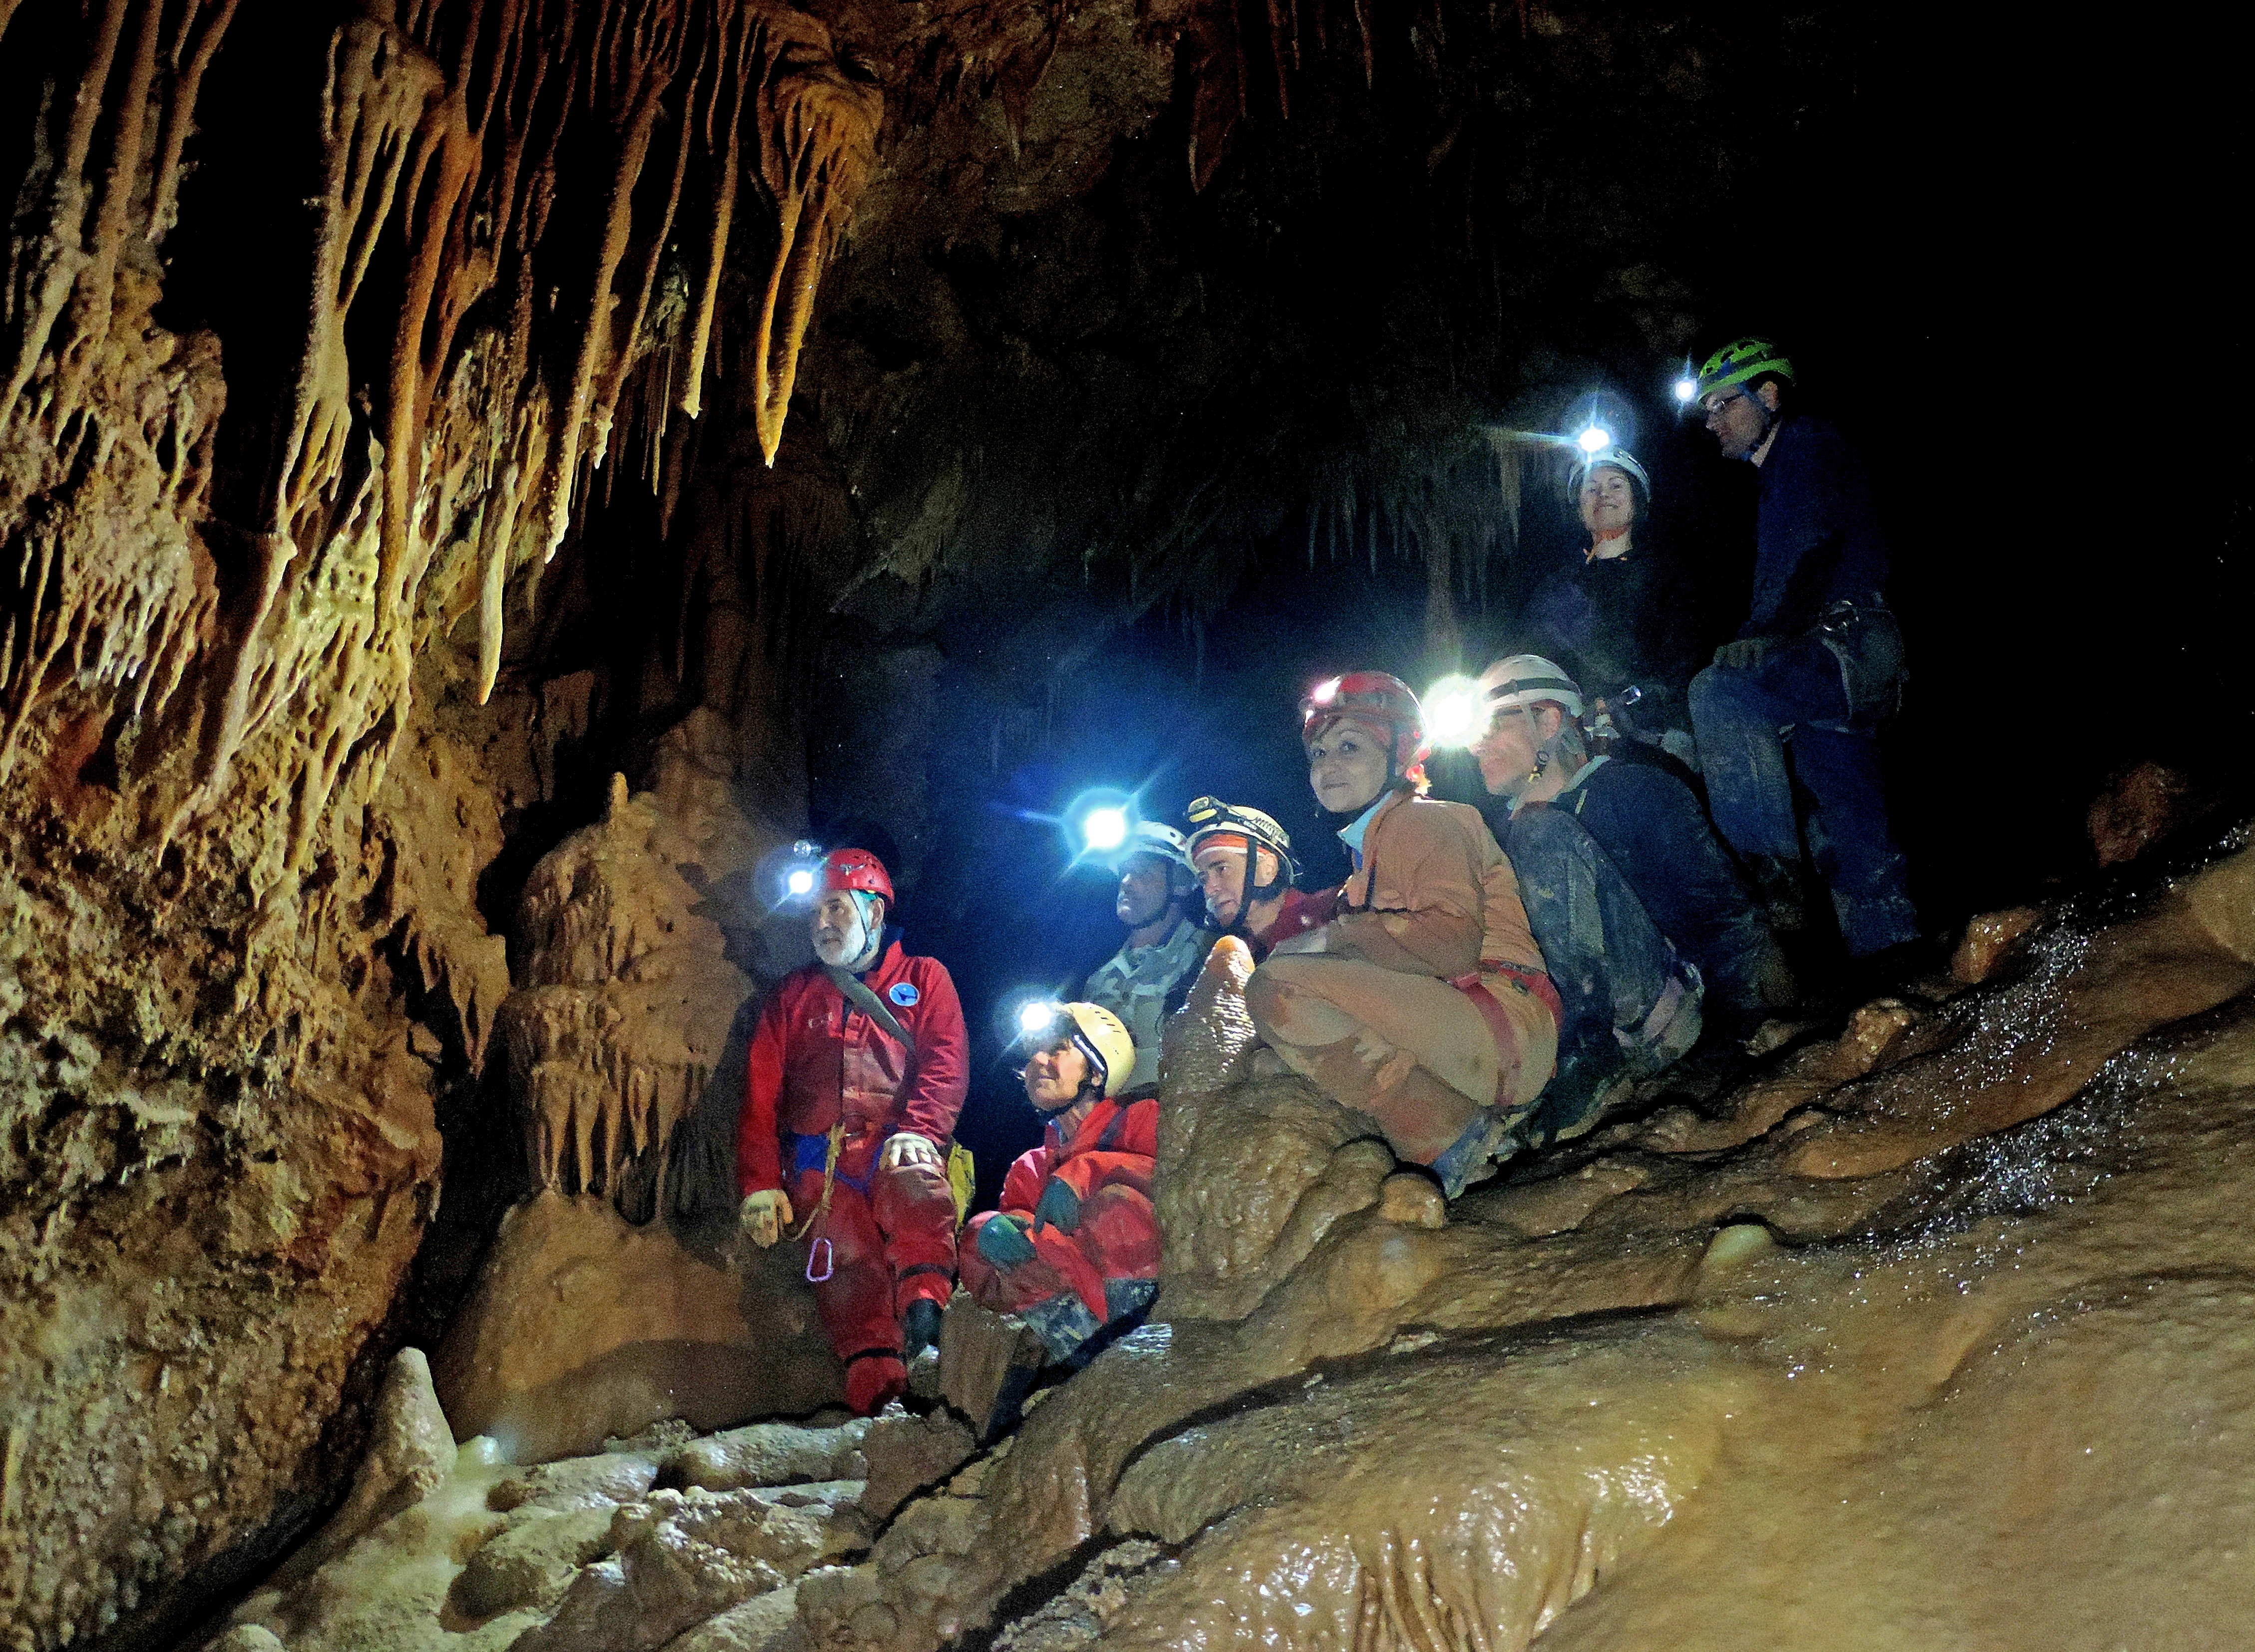 c esc grotta savi DSCN4817